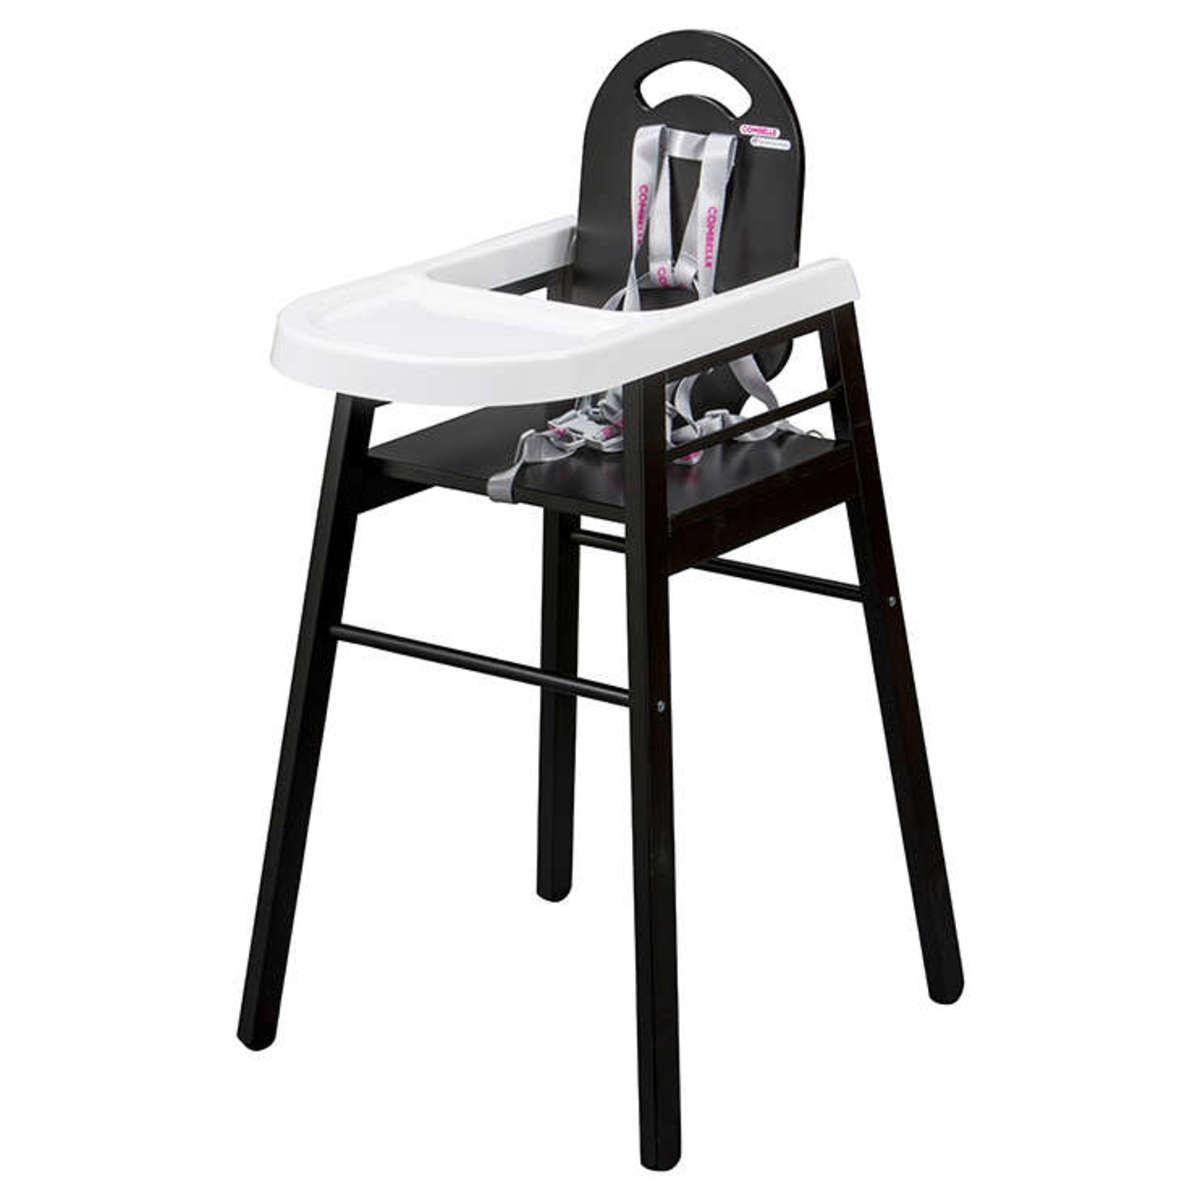 Chaise haute Chaise Haute Fixe Lili - Noir Chaise Haute Fixe Lili - Noir